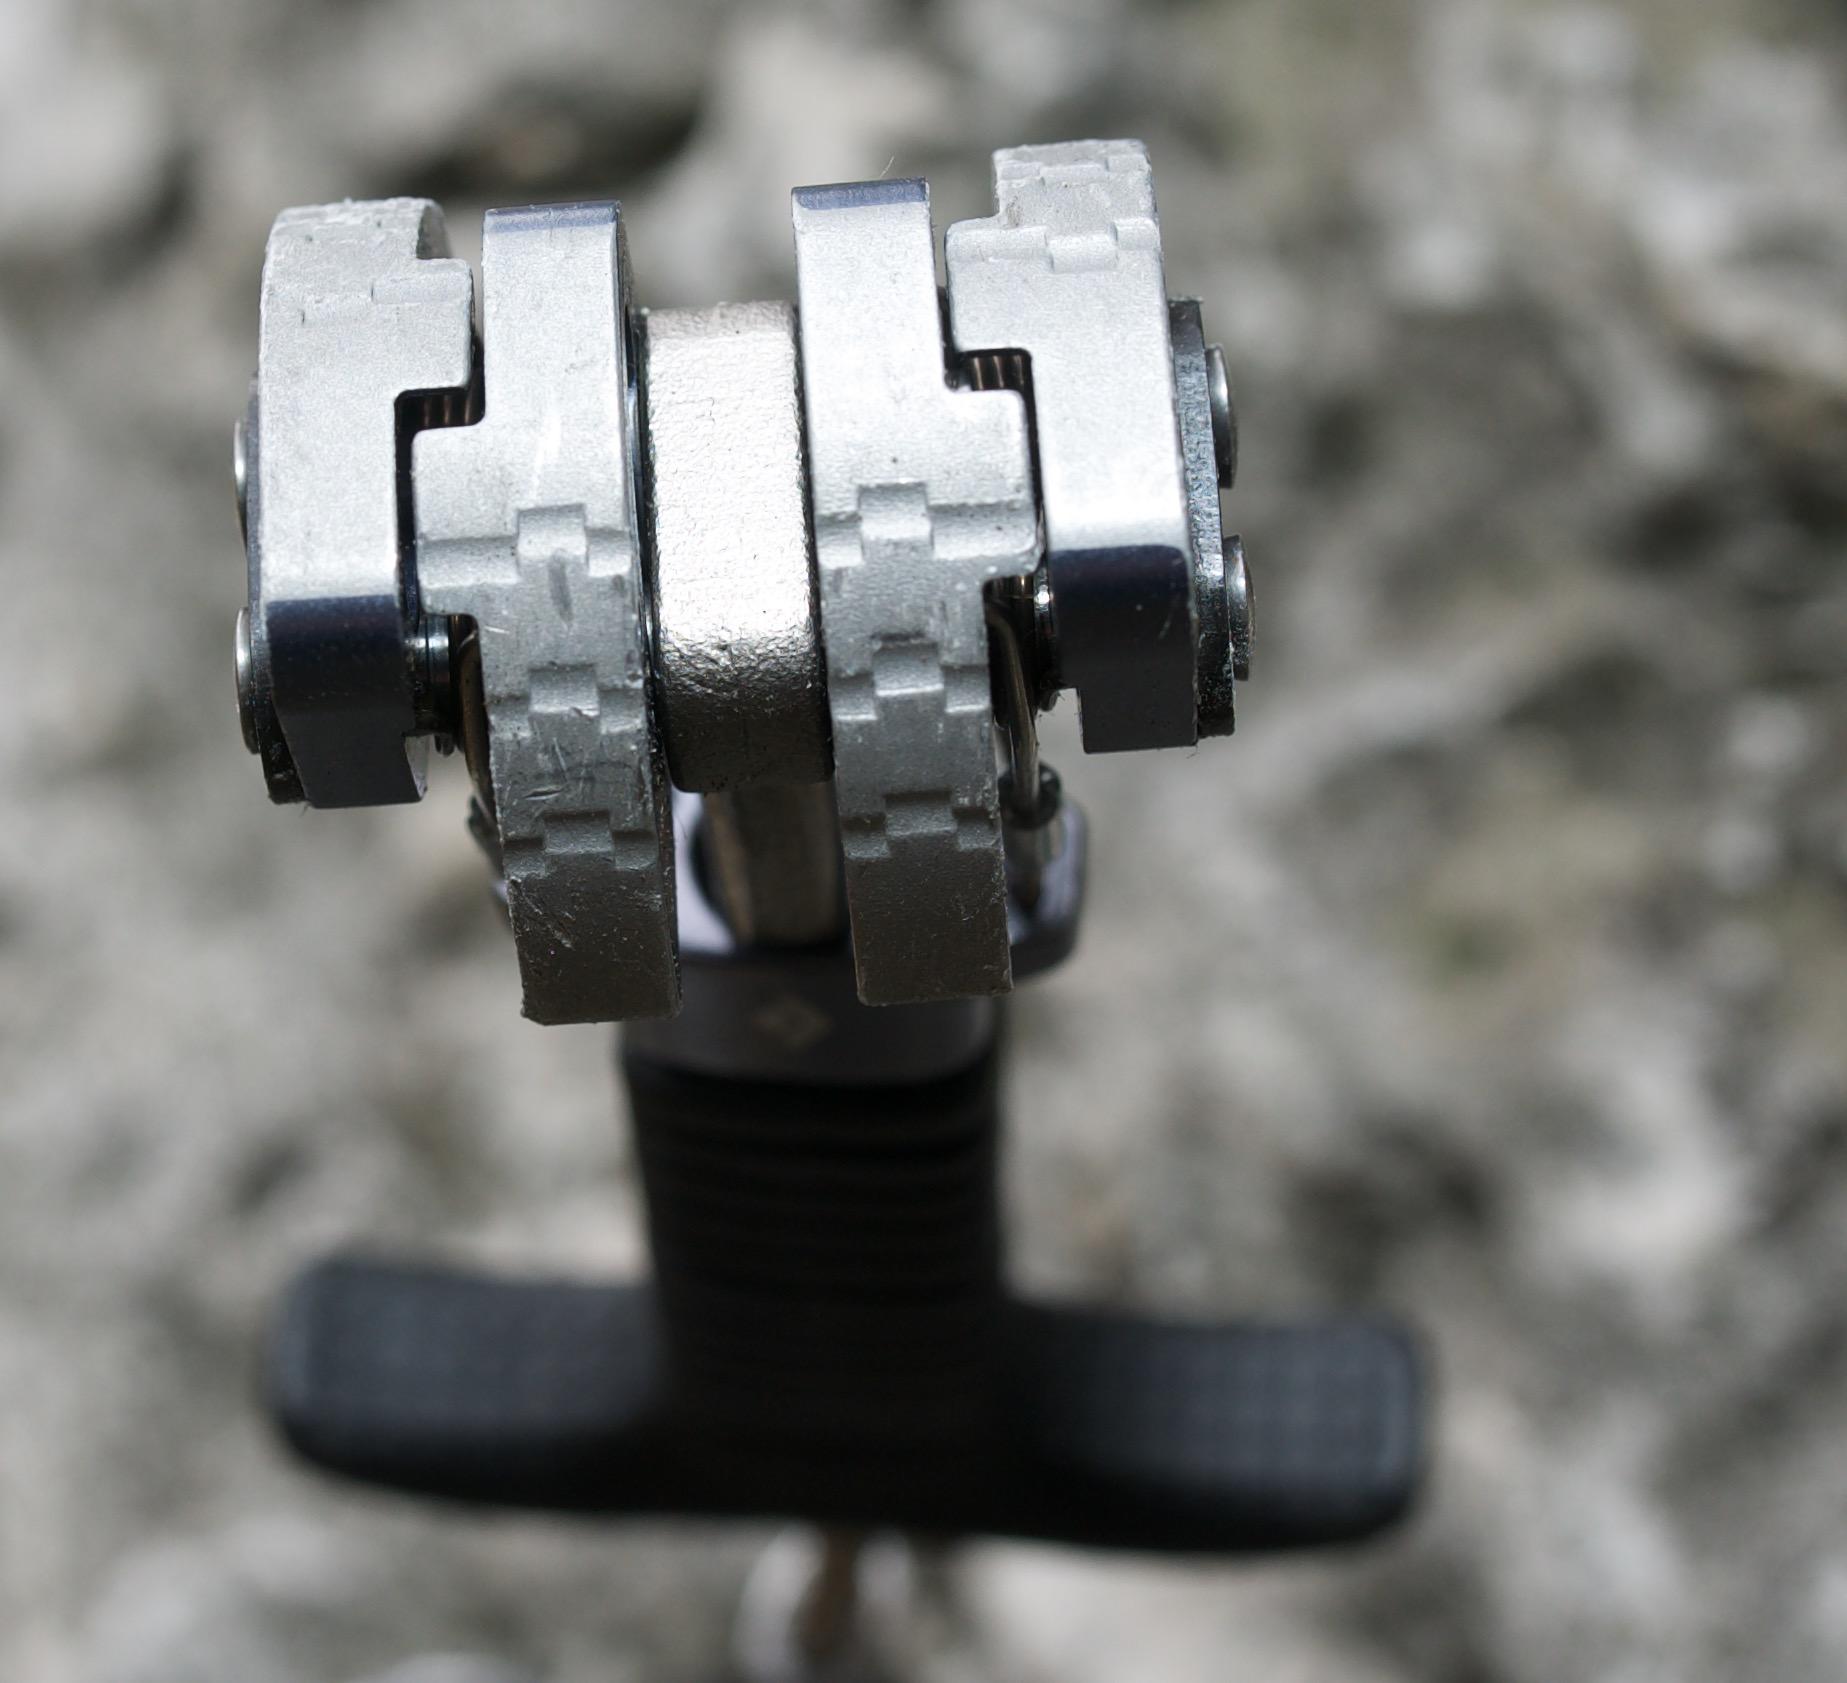 fot 1. kość mechaniczna Black Diamond Camalot Z4 (fot. Dariusz Porada)